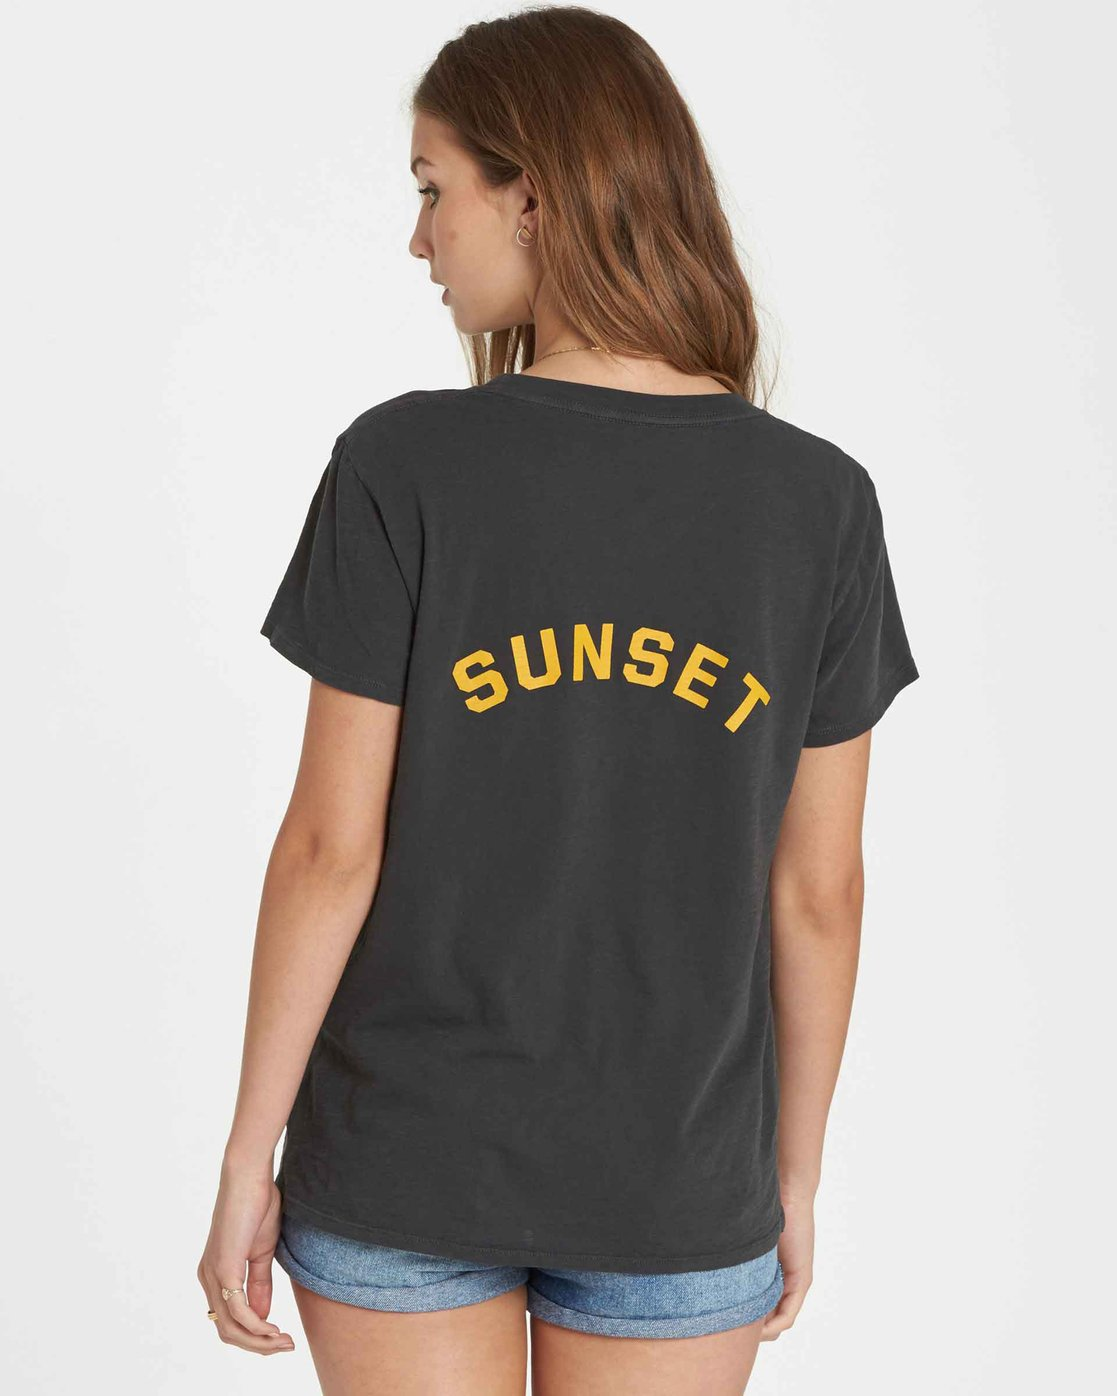 Sunset To J467qbsuBillabong Sunset To Sunrise Tee Sunrise Tee UqMVpLzGS